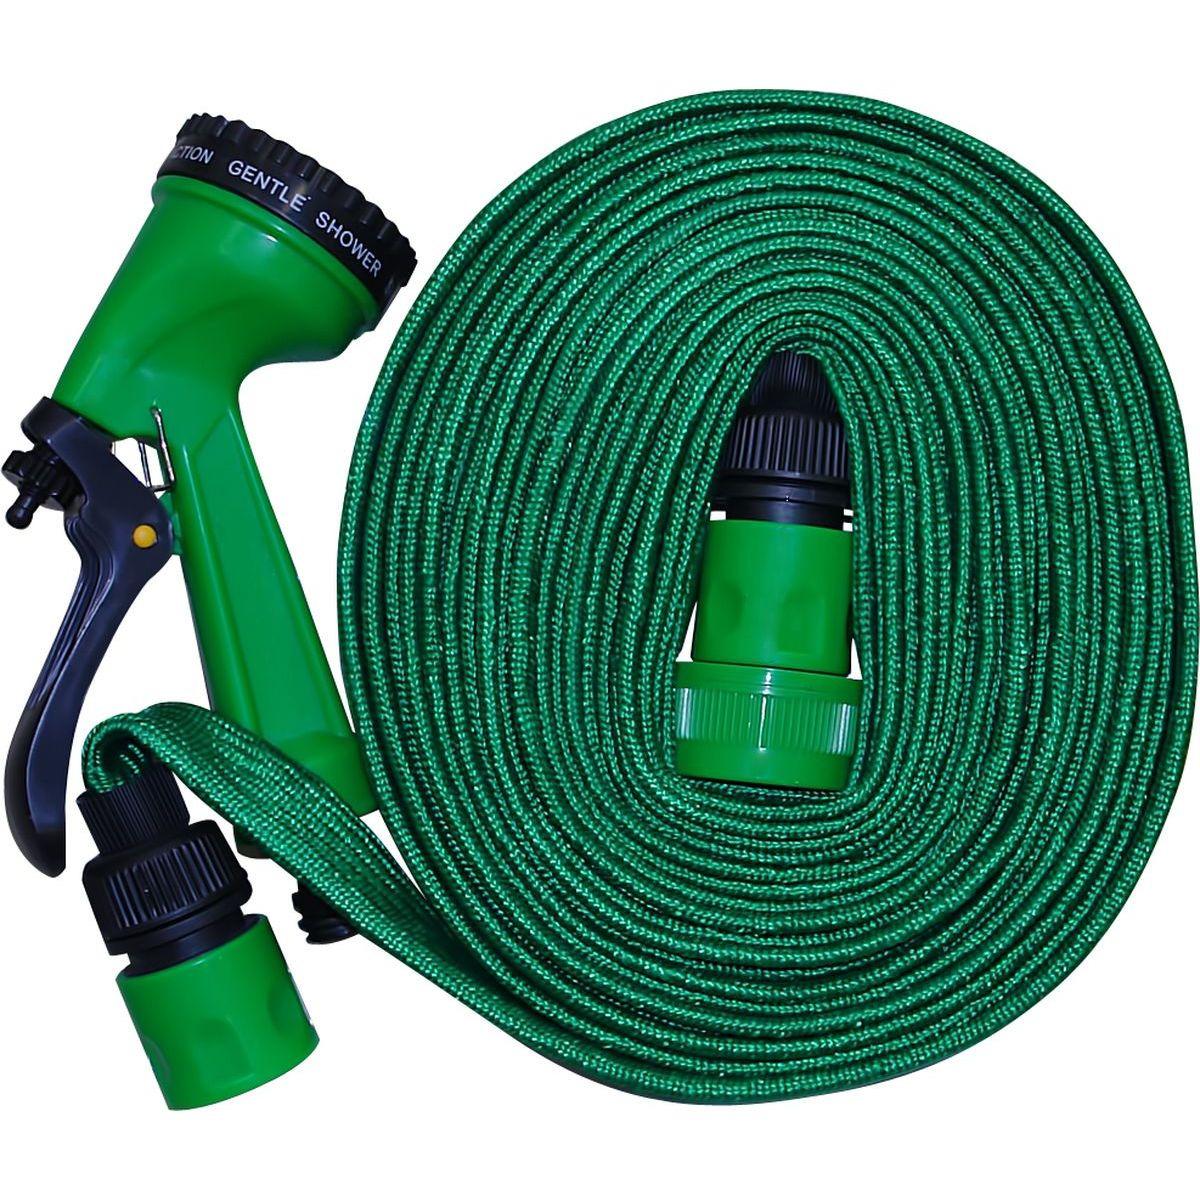 Система полива Park 1/2, HL157, зеленый, черный, 4 предмета соединитель колпачковый hyperline uy 2 0 4 0 9мм 100шт